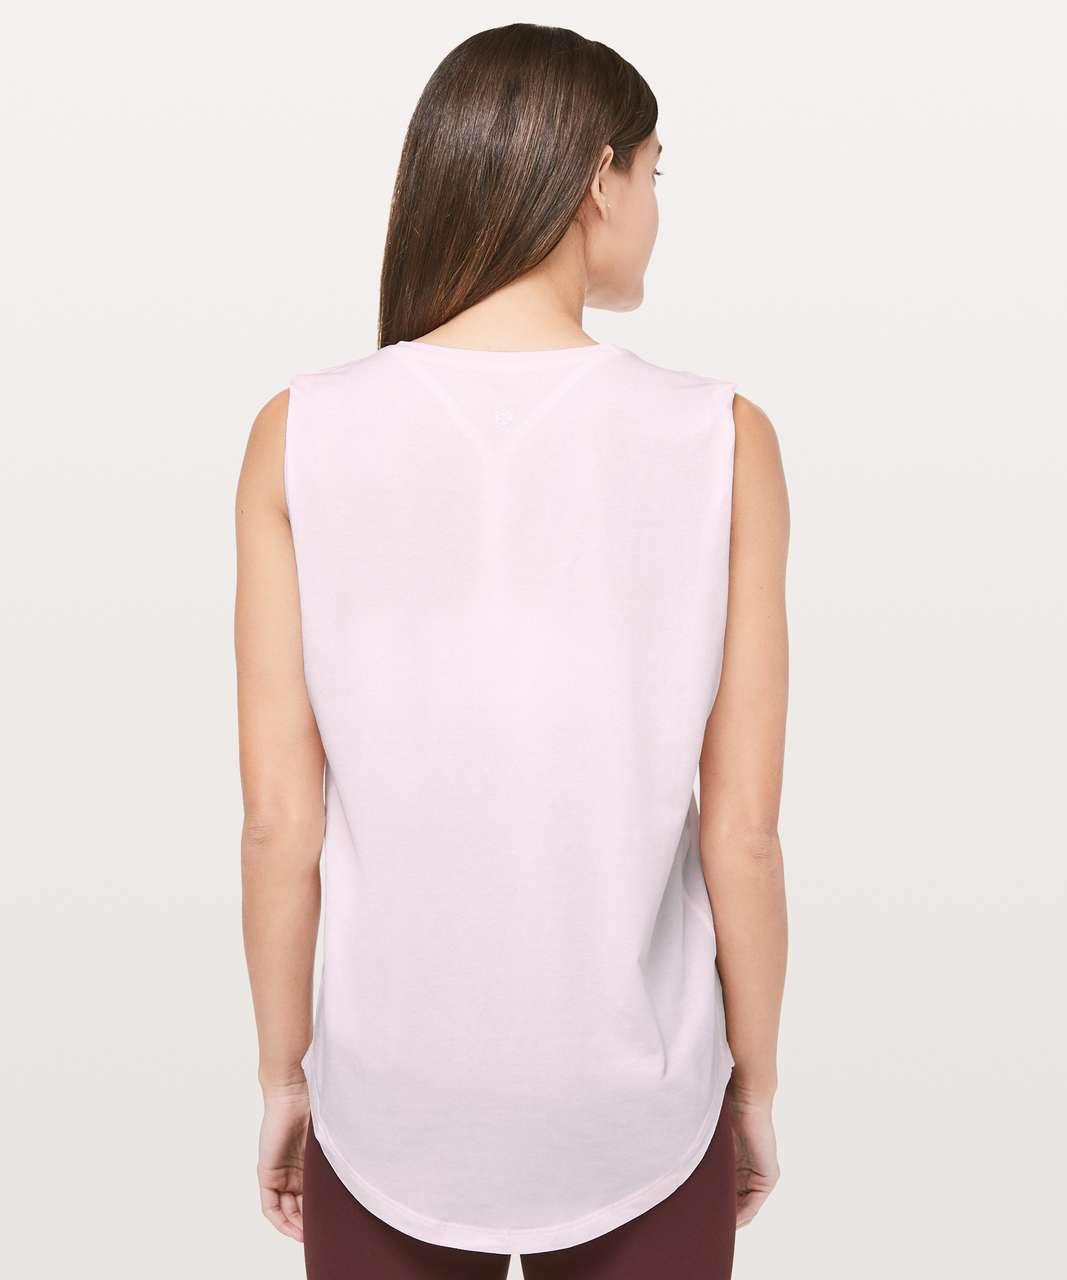 Lululemon Brunswick Muscle Tank - Pink Glow